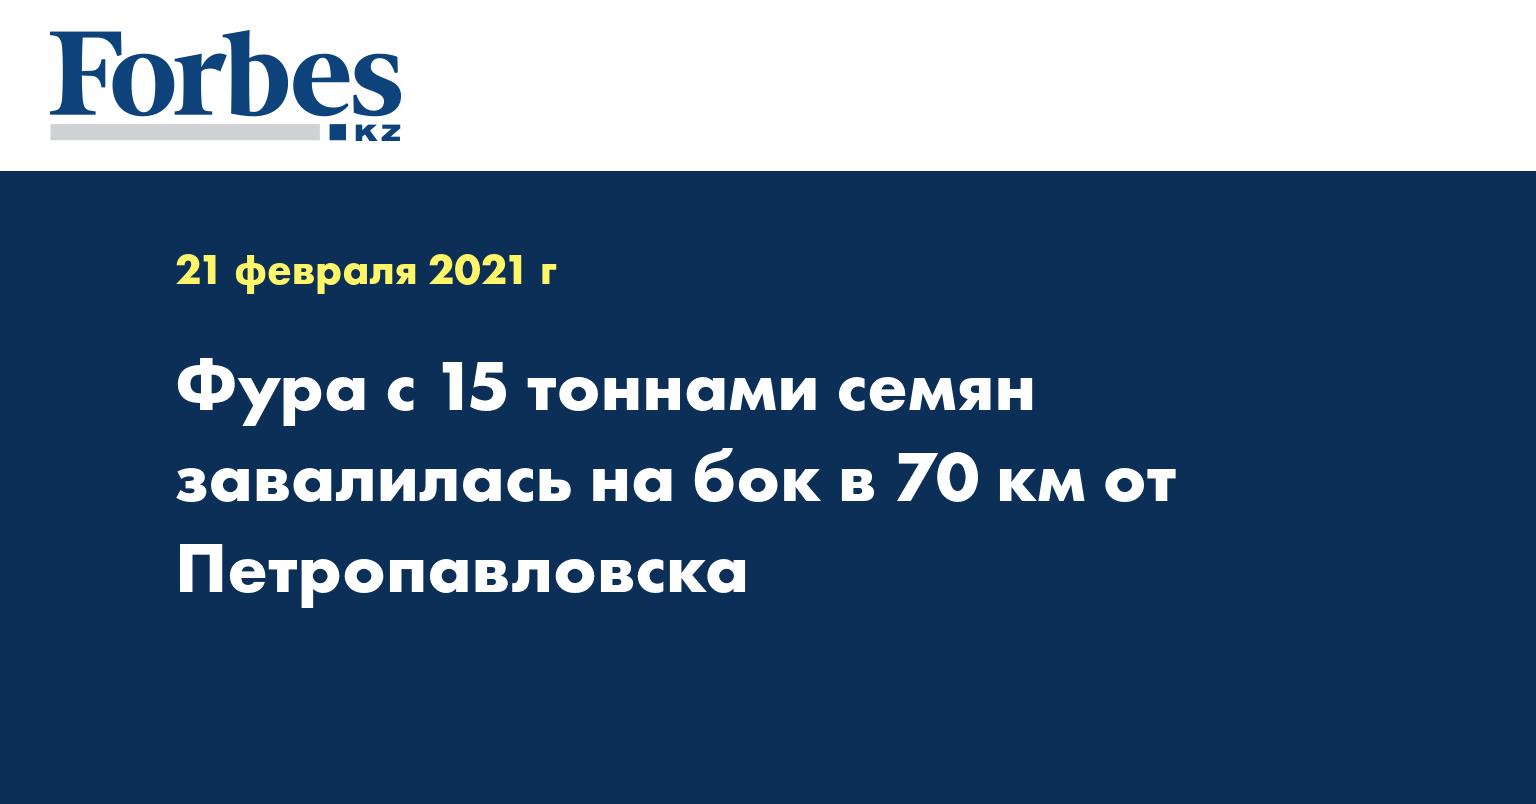 Фура с 15 тоннами семян завалилась на бок в 70 км от Петропавловска